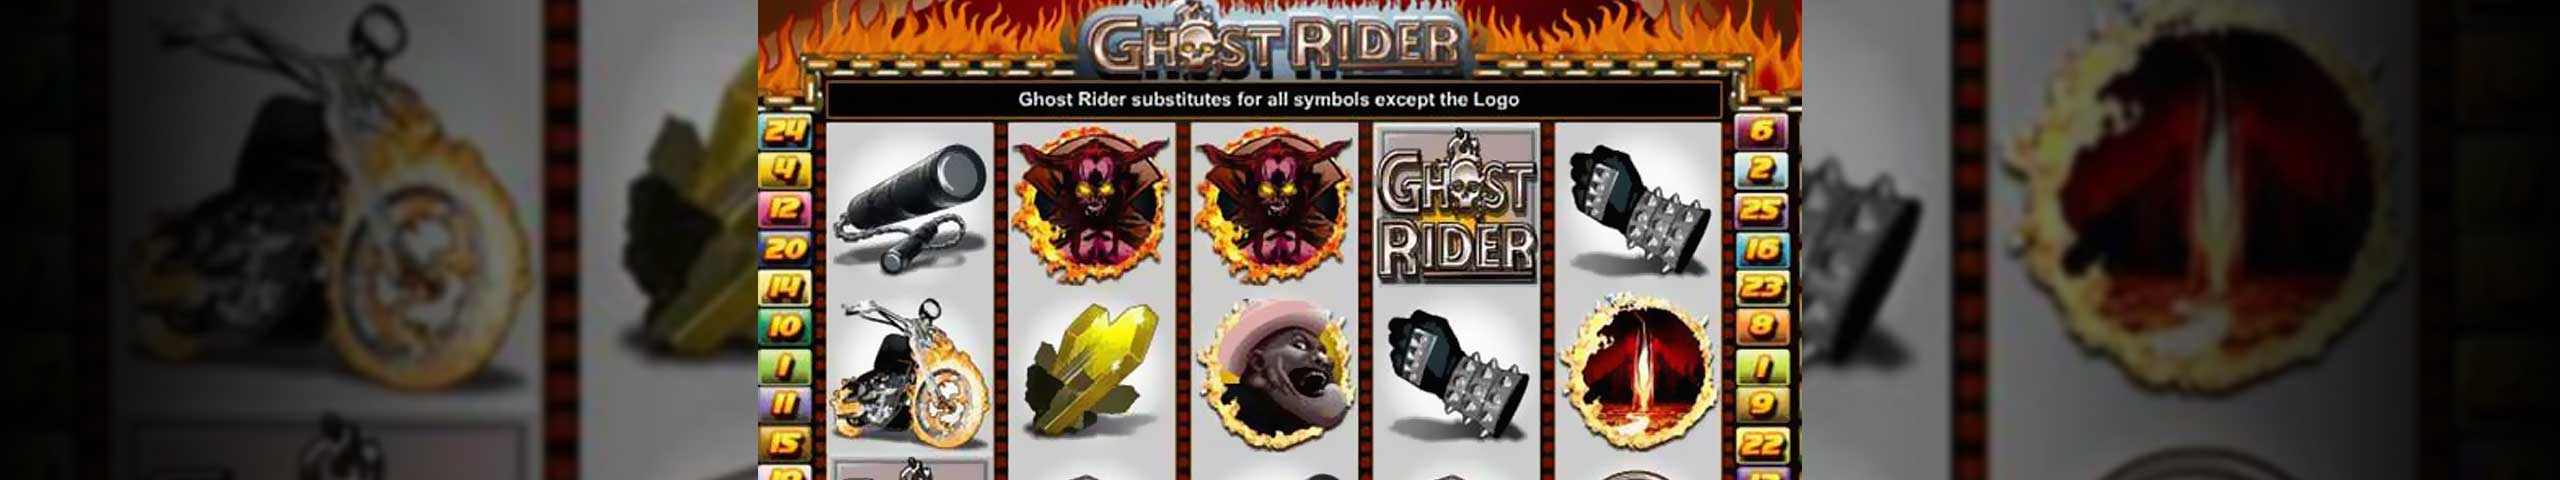 Norske spilleautomater Ghost Rider, Cryptologic Slider - Himmelspill.com